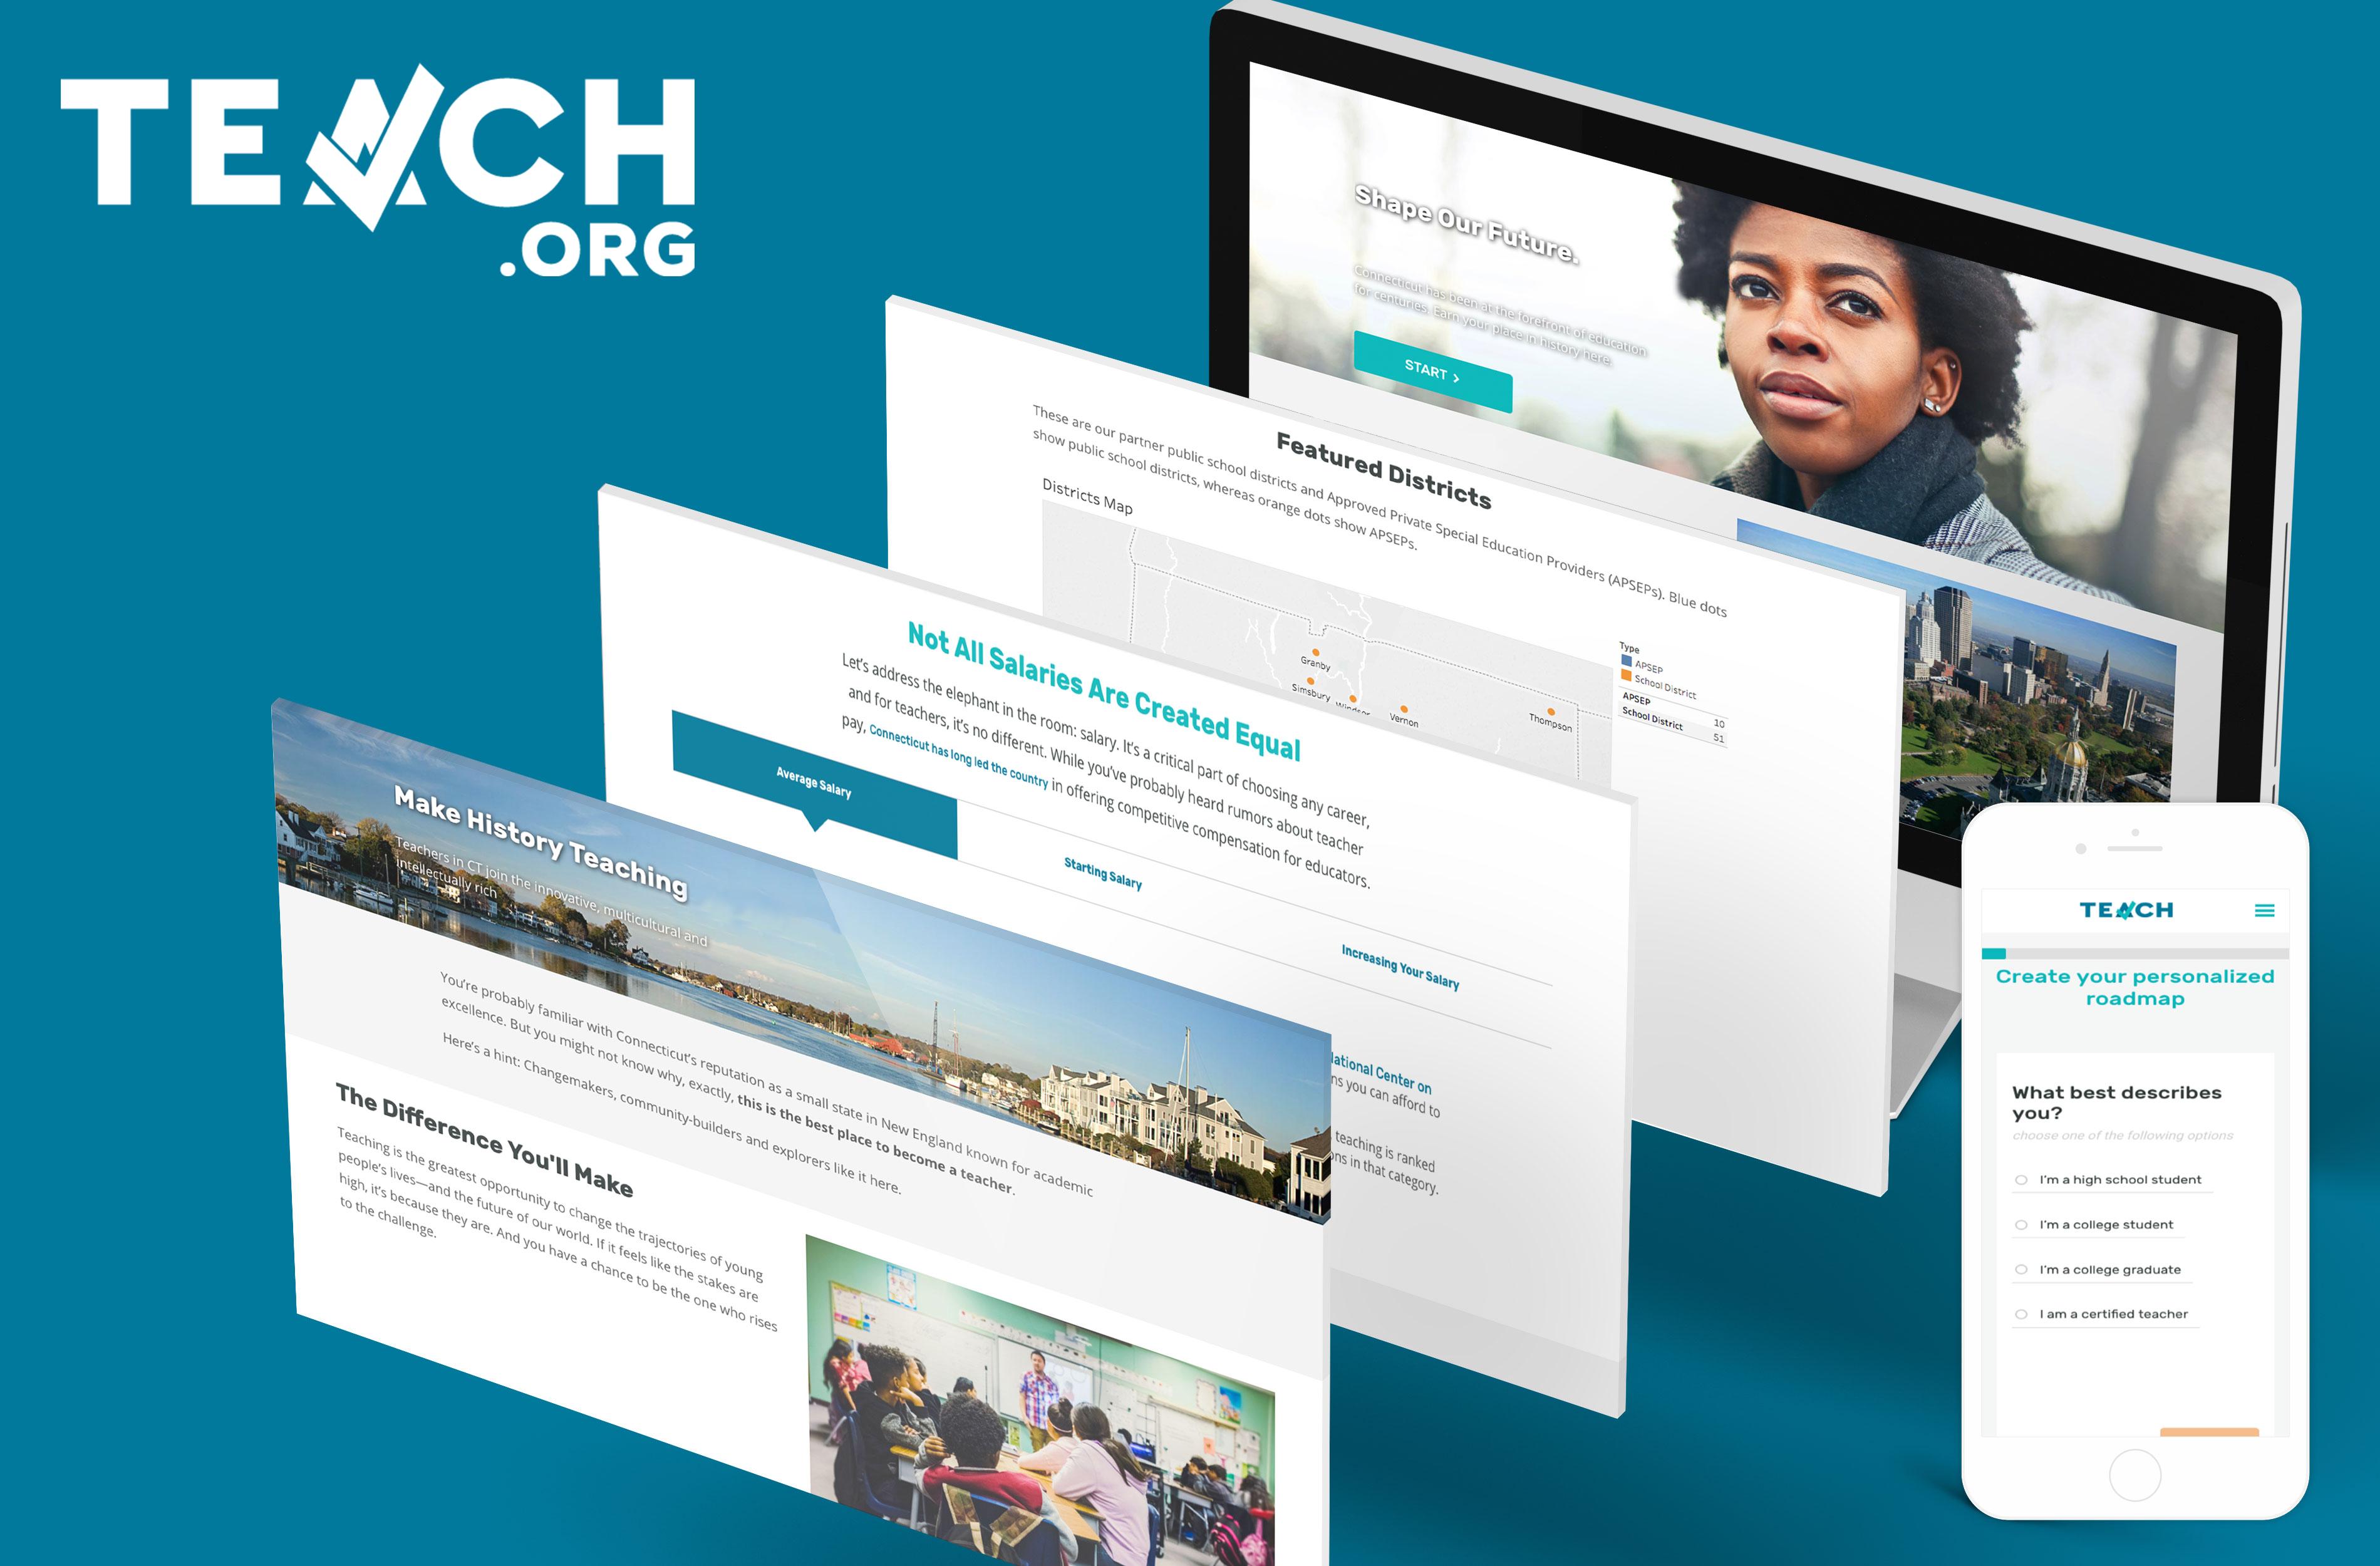 TEACH.org resources